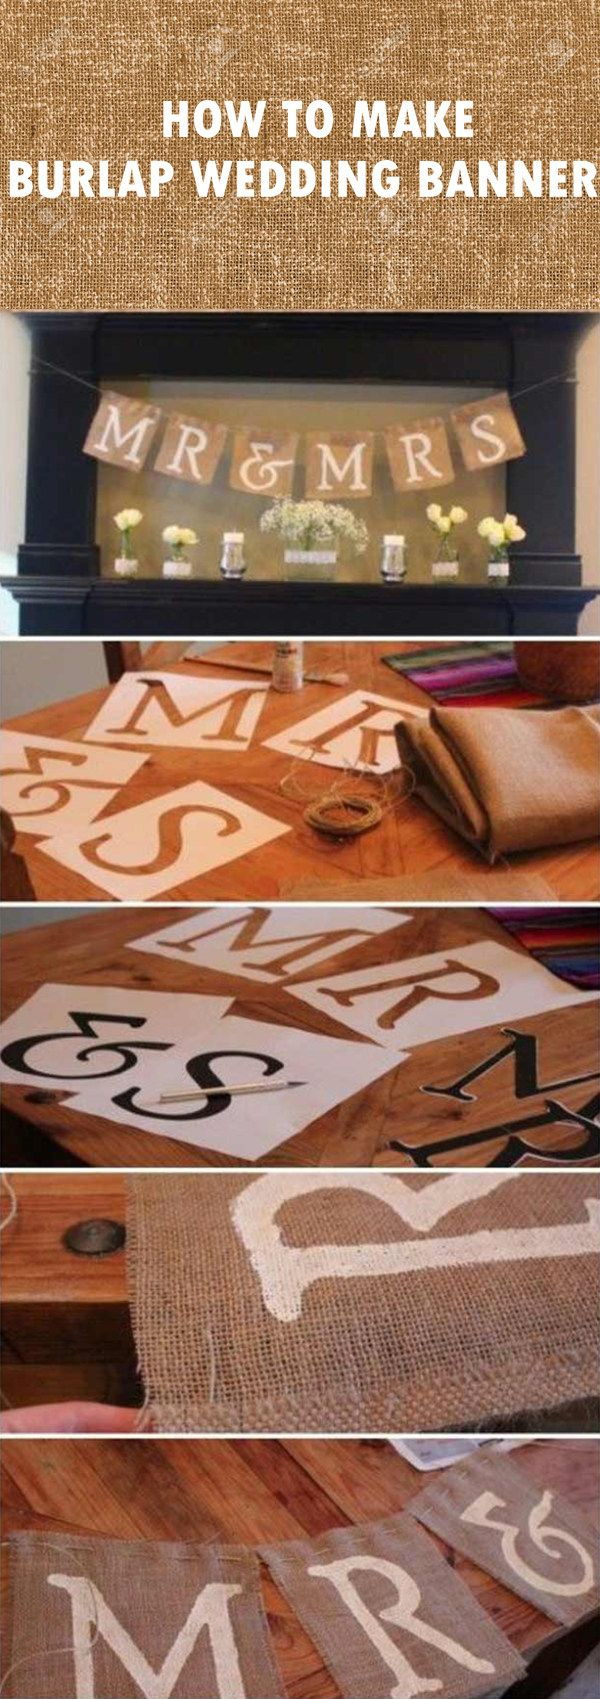 DIY burlap wedding banners for fall wedding